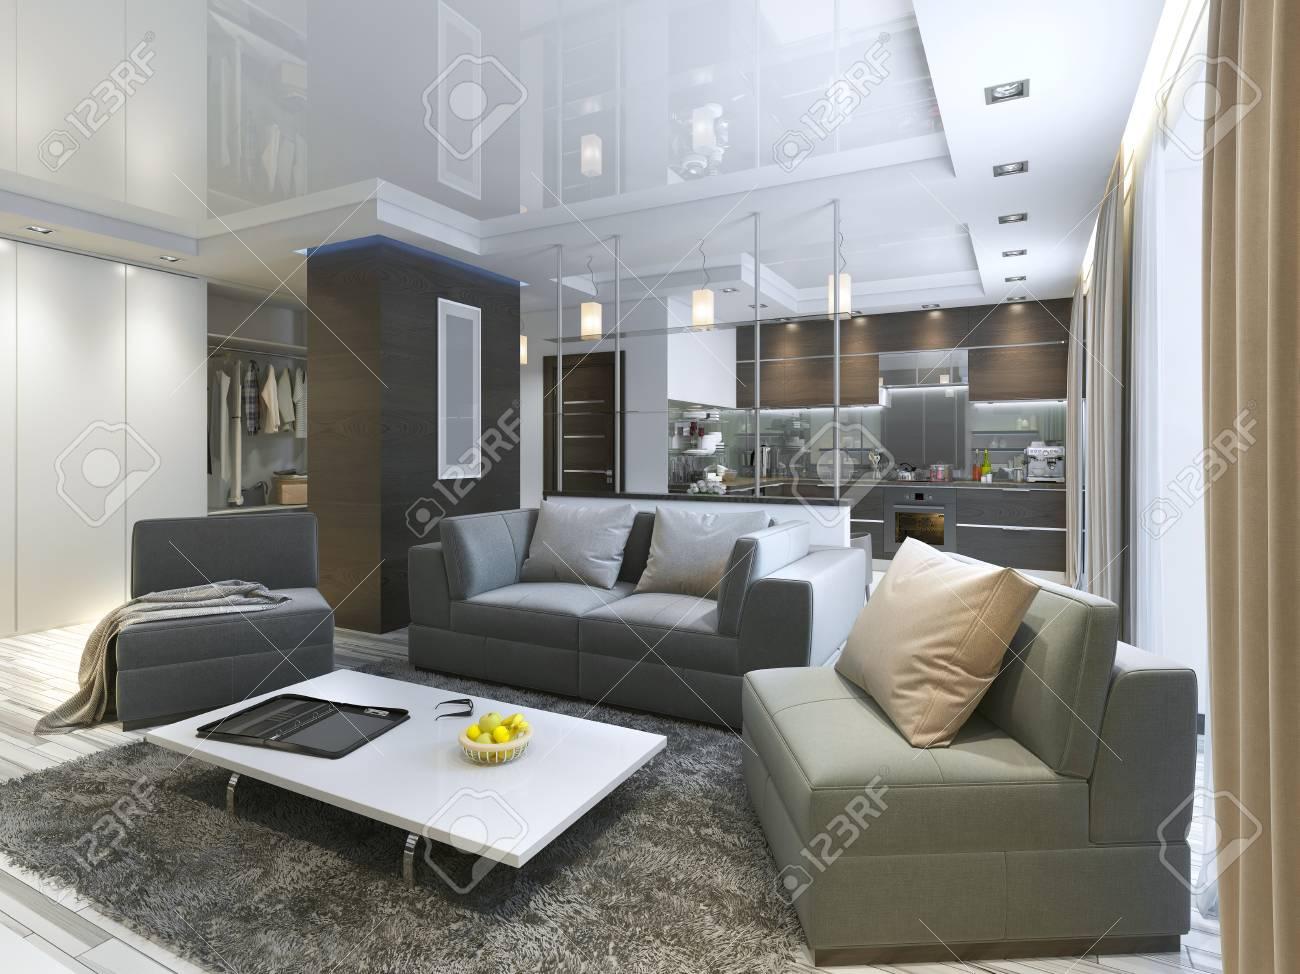 Luxus Wohnzimmer Studio In Einem Modernen Stil Mit Bequemen Sesseln Und  Einem Sofa In